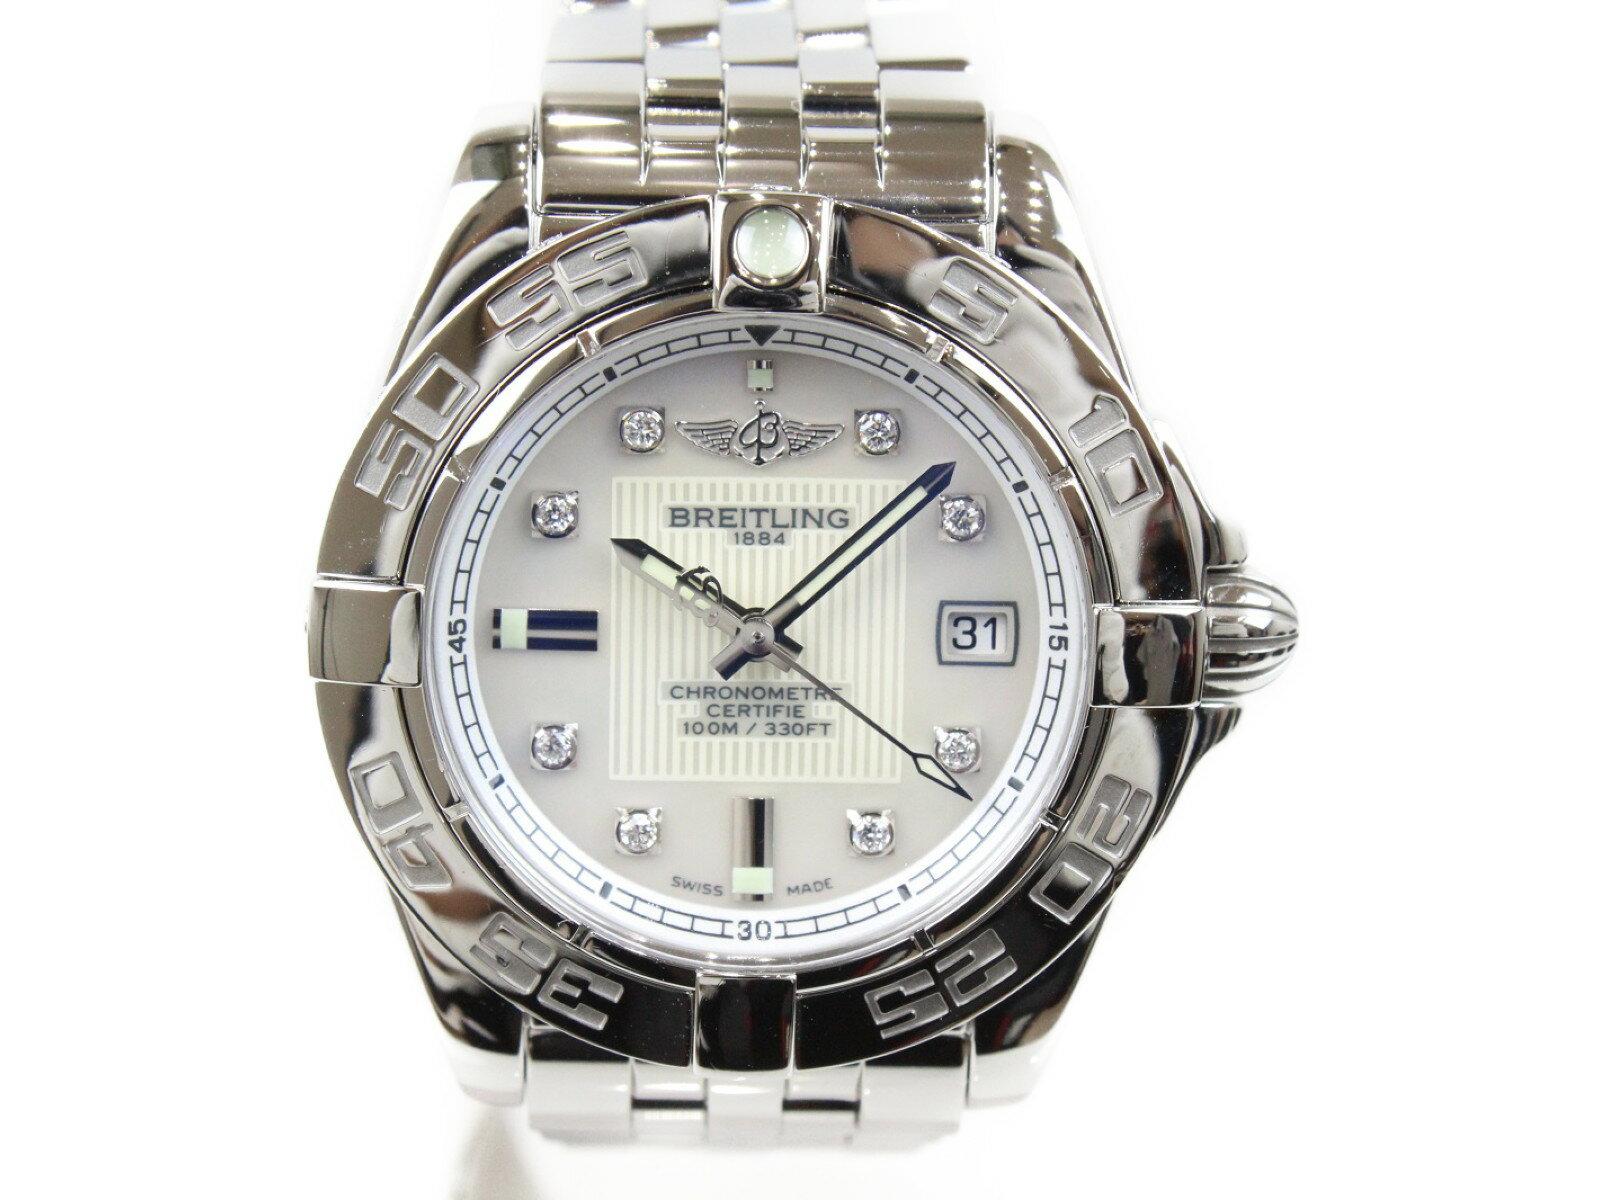 【ポリッシュ済み】BREITLING ブライトリング ギャラクティック32 A71356 SS ステンレススチール 8Pダイヤモンド シェル文字盤 デイト 100m防水 レディース 腕時計 【中古】